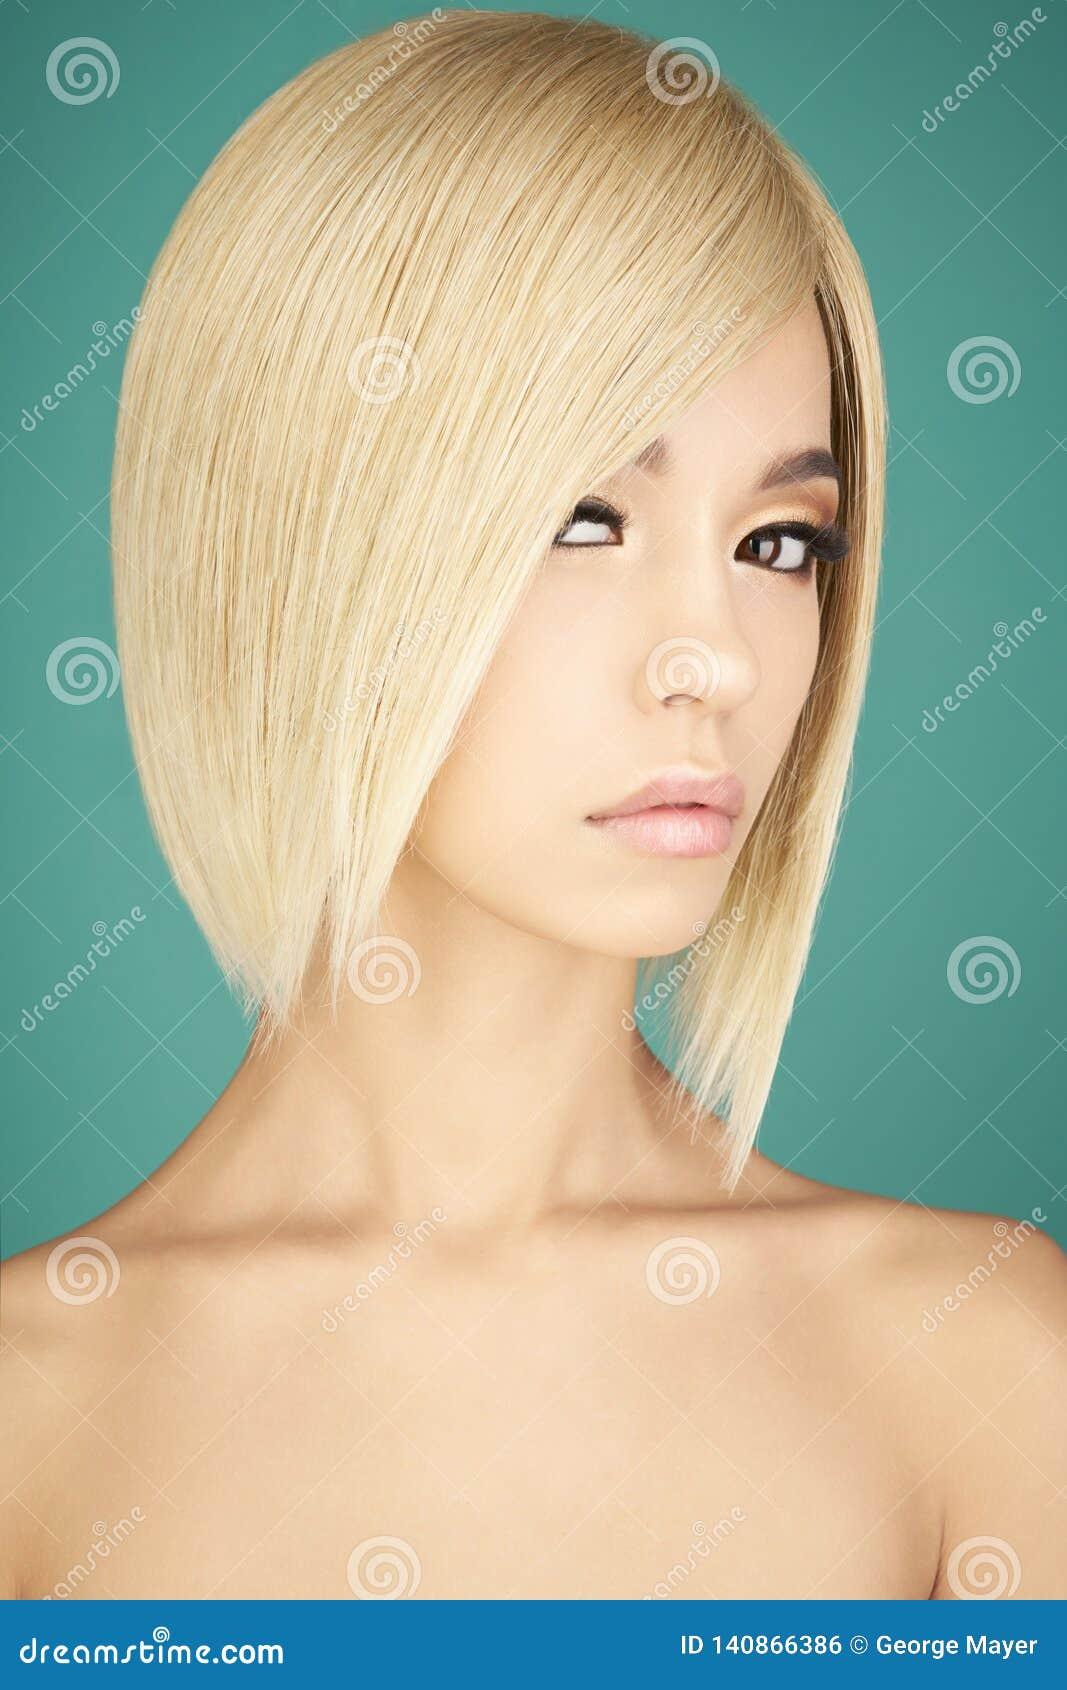 Belle Femme Asiatique Avec Les Cheveux Courts Blonds Photo Stock Image Du Avec Blonds 140866386